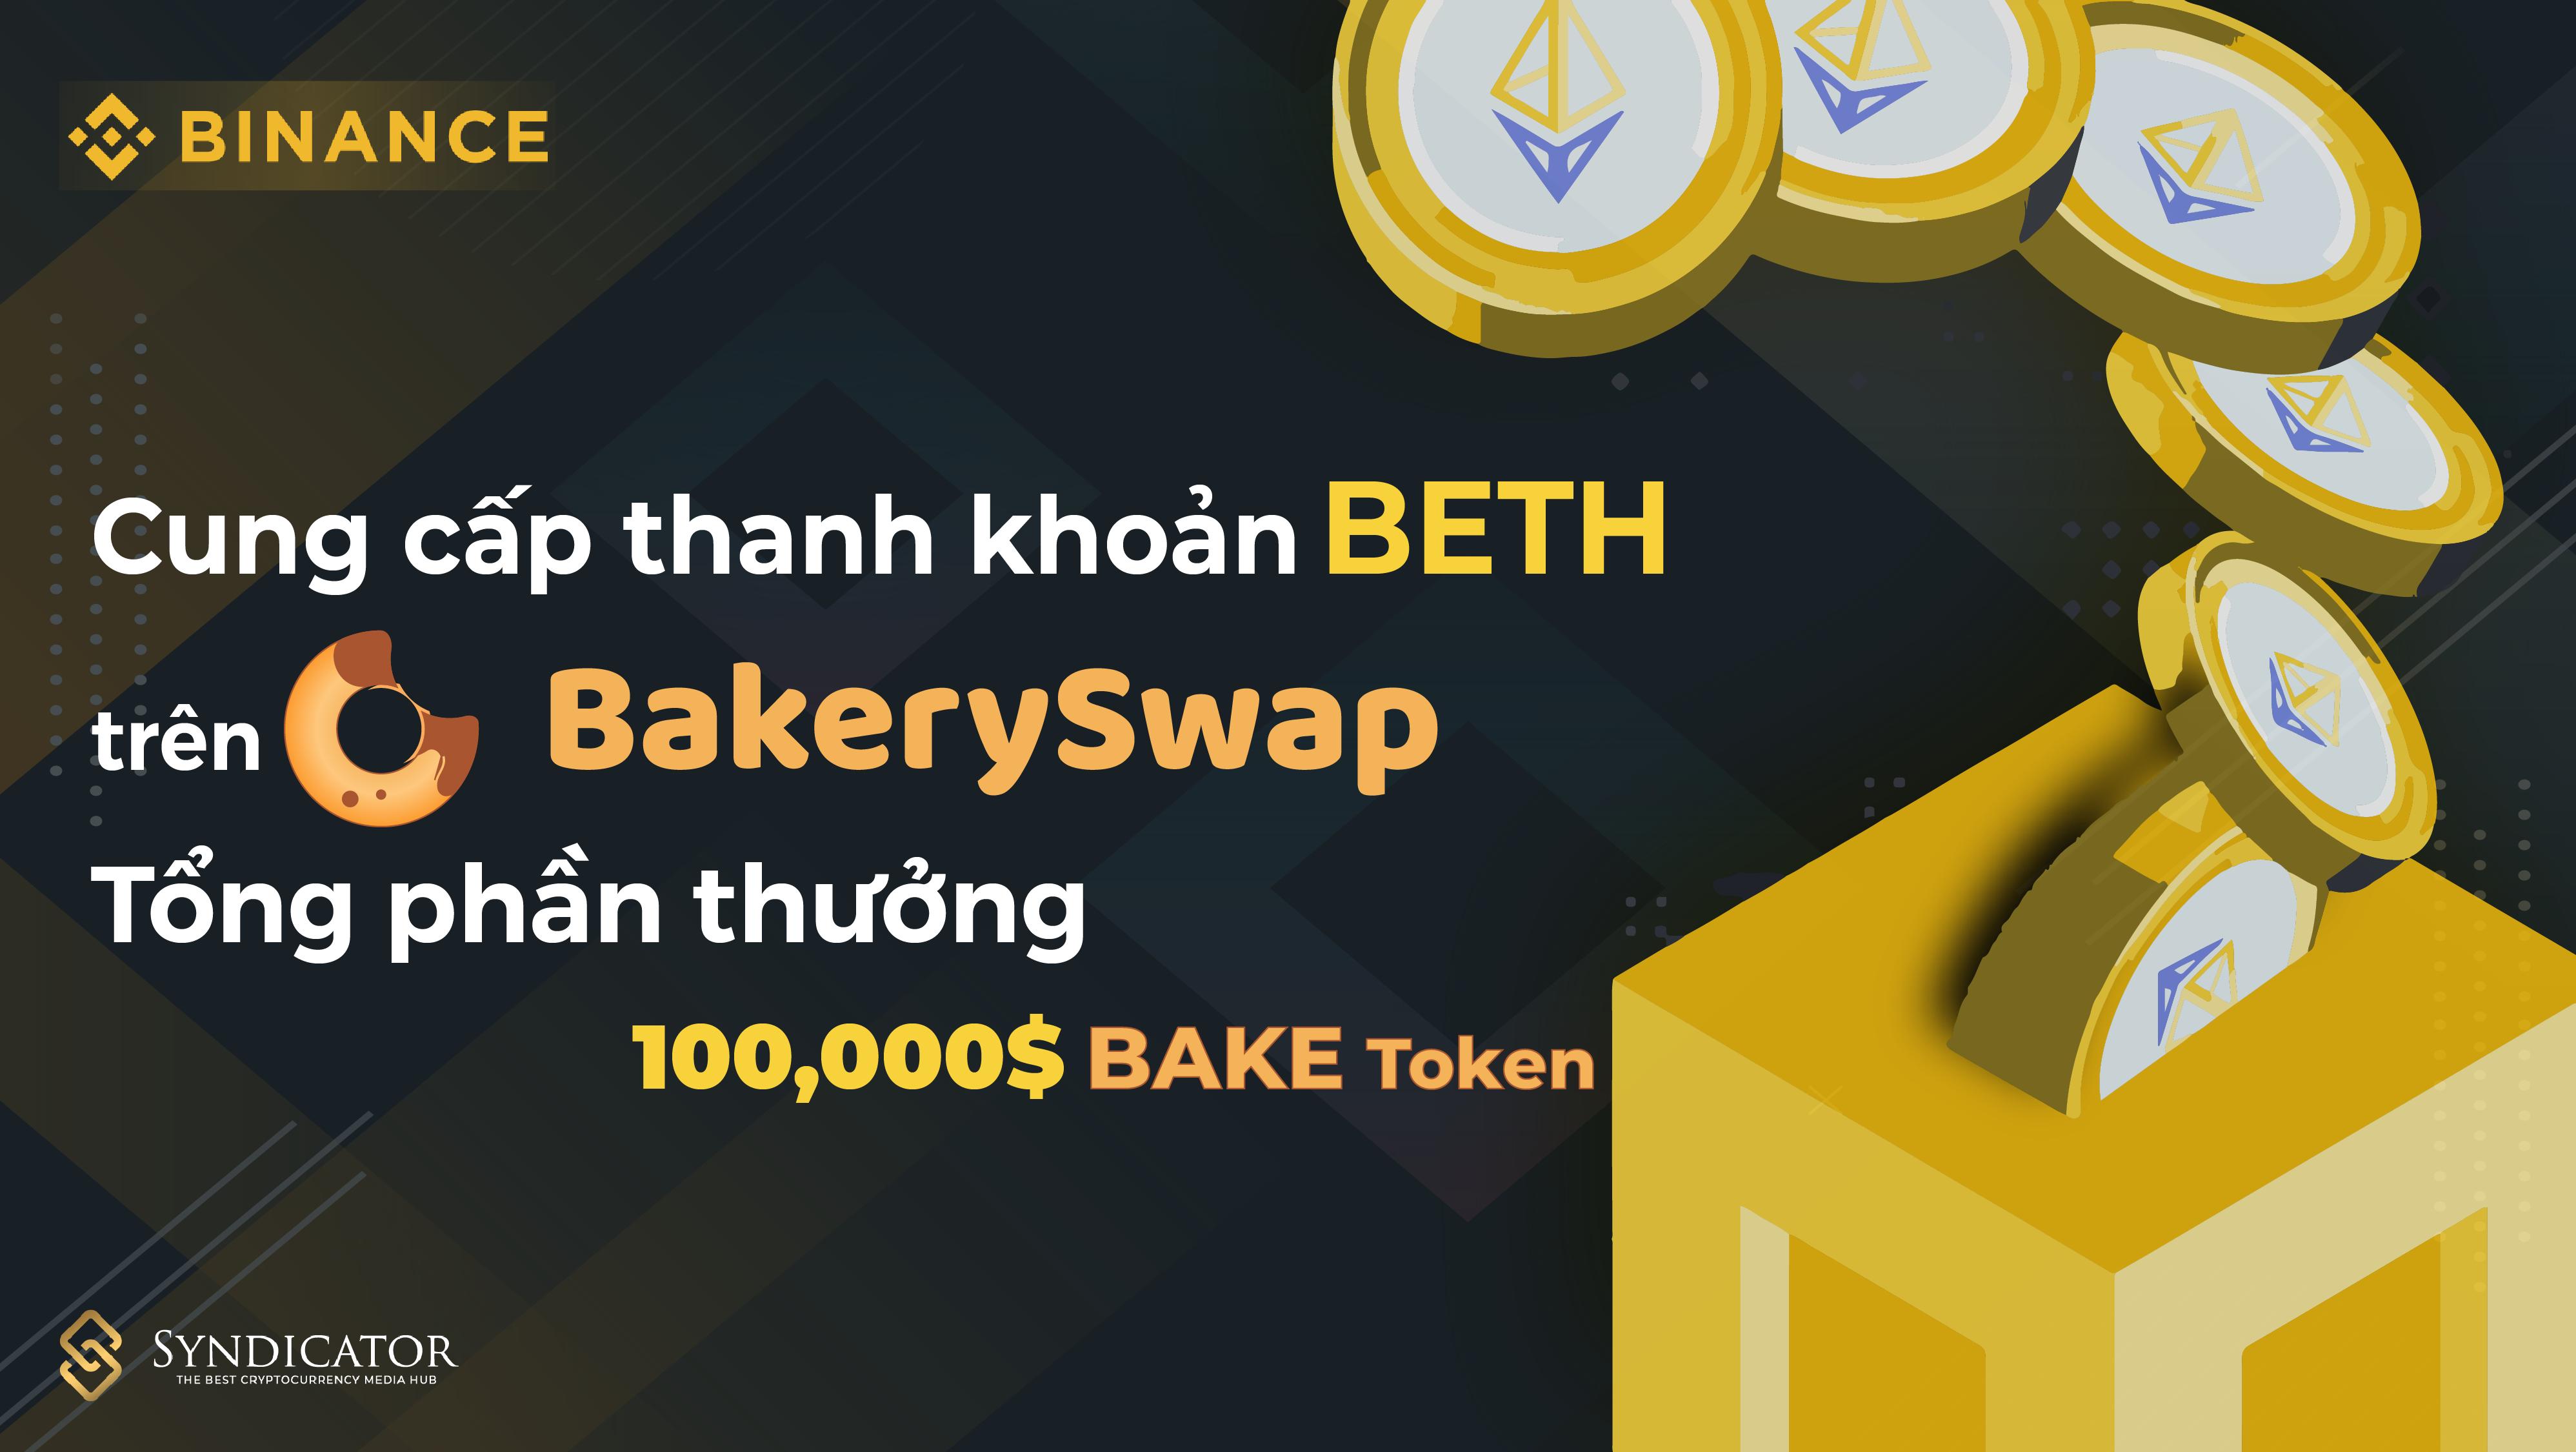 Cung cấp thanh khoản BETH trên BakerySwap với tổng phần thưởng 100,000$ BAKE Token - cung cấp thanh khoản bakeryswap - syndicator